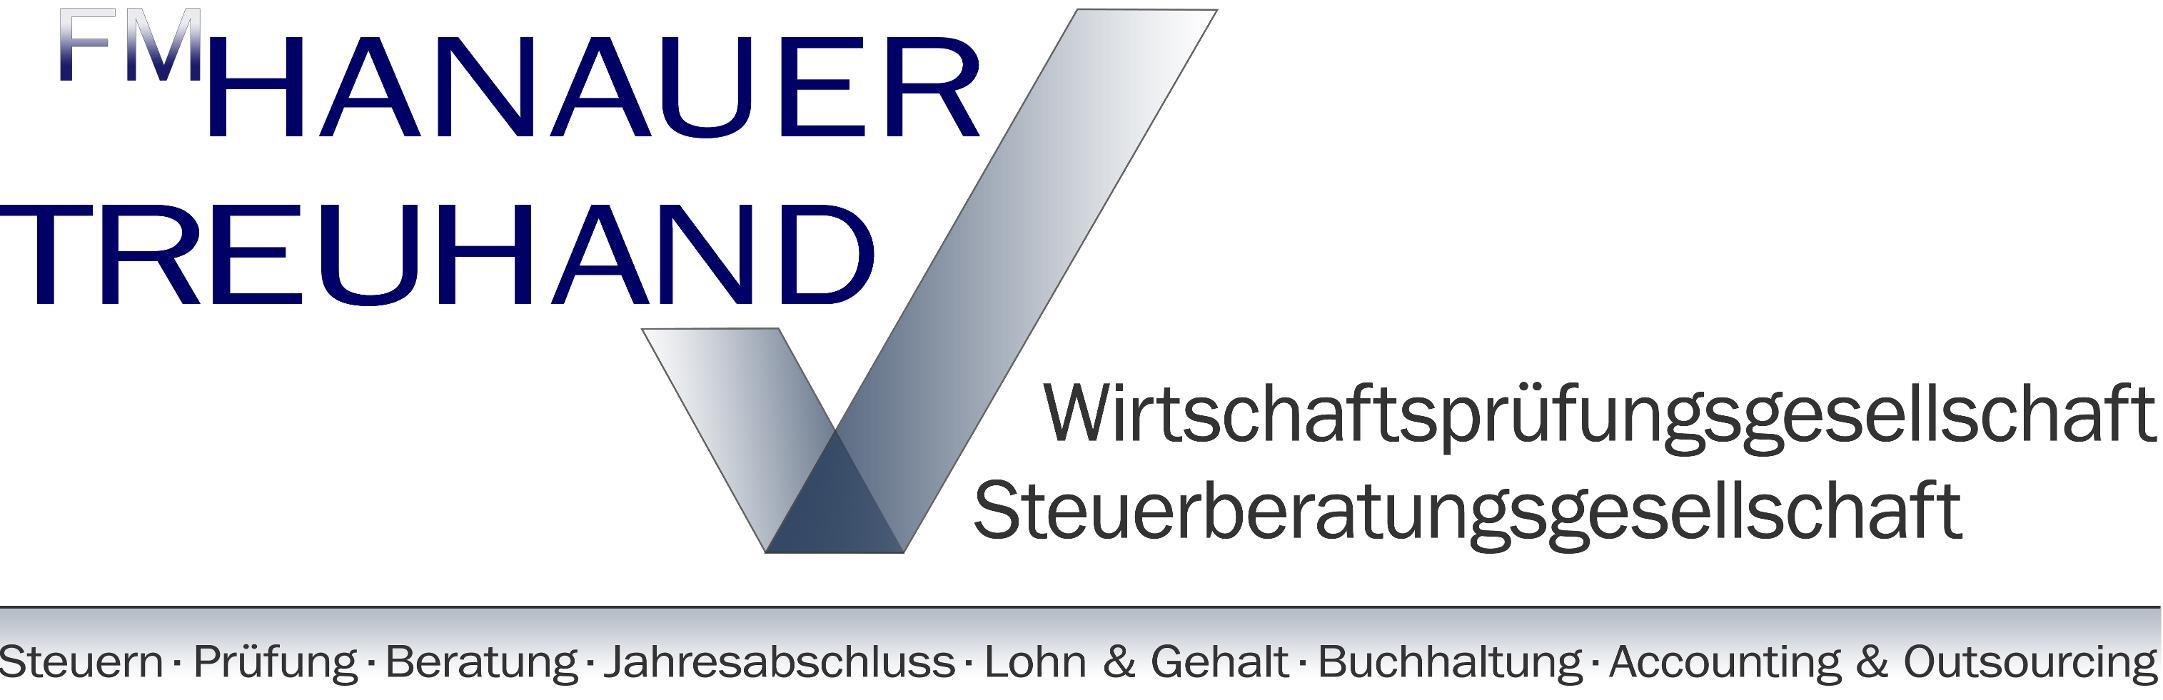 Bild zu FM Hanauer Treuhand GmbH in Neuberg in Hessen